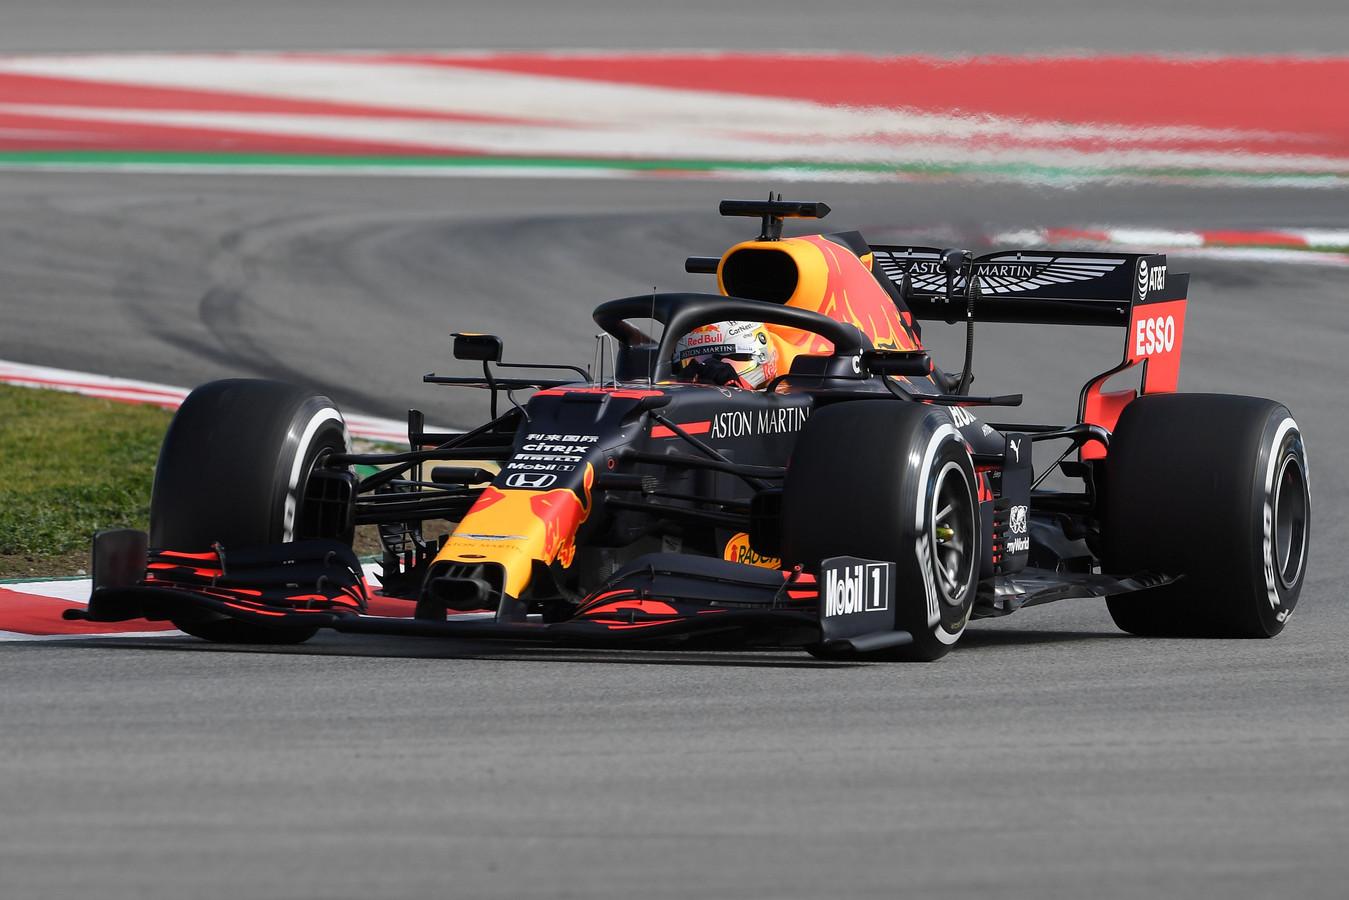 Hoe voelt Max Verstappen zich als hij in zijn Red Bull rijdt?